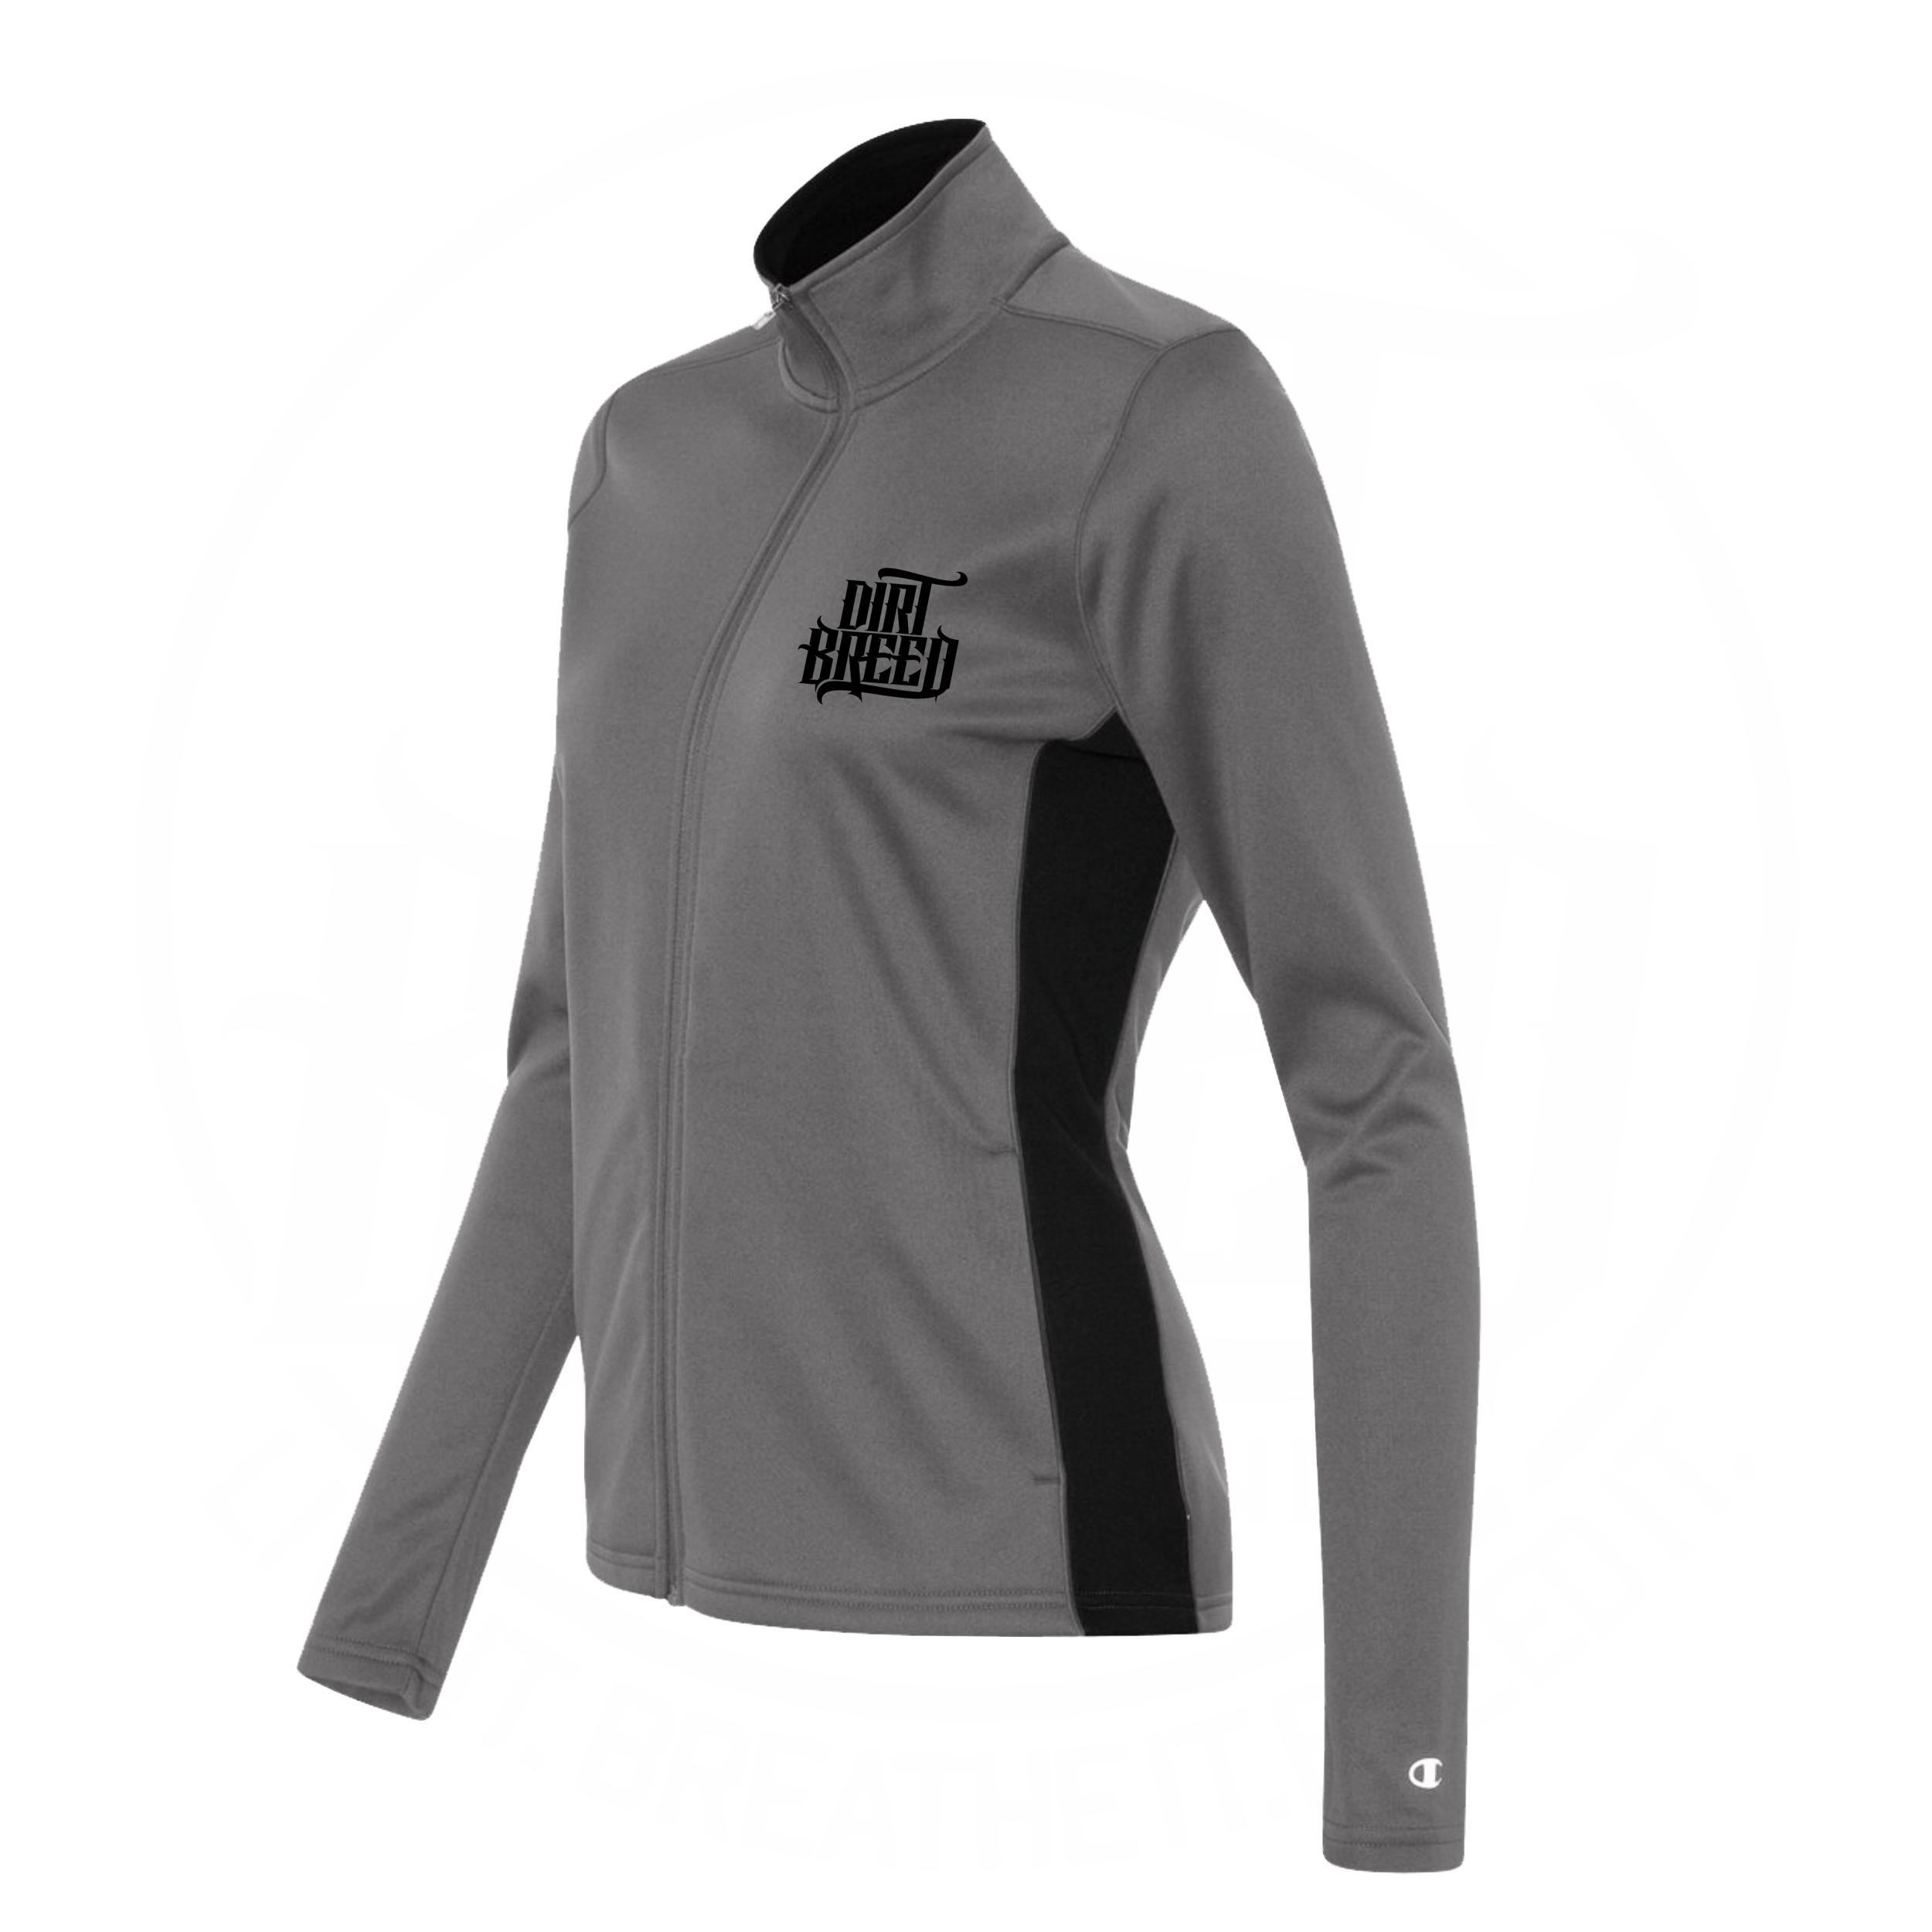 Ladies Full Zip Dirt Track Racing Fleece Jacket